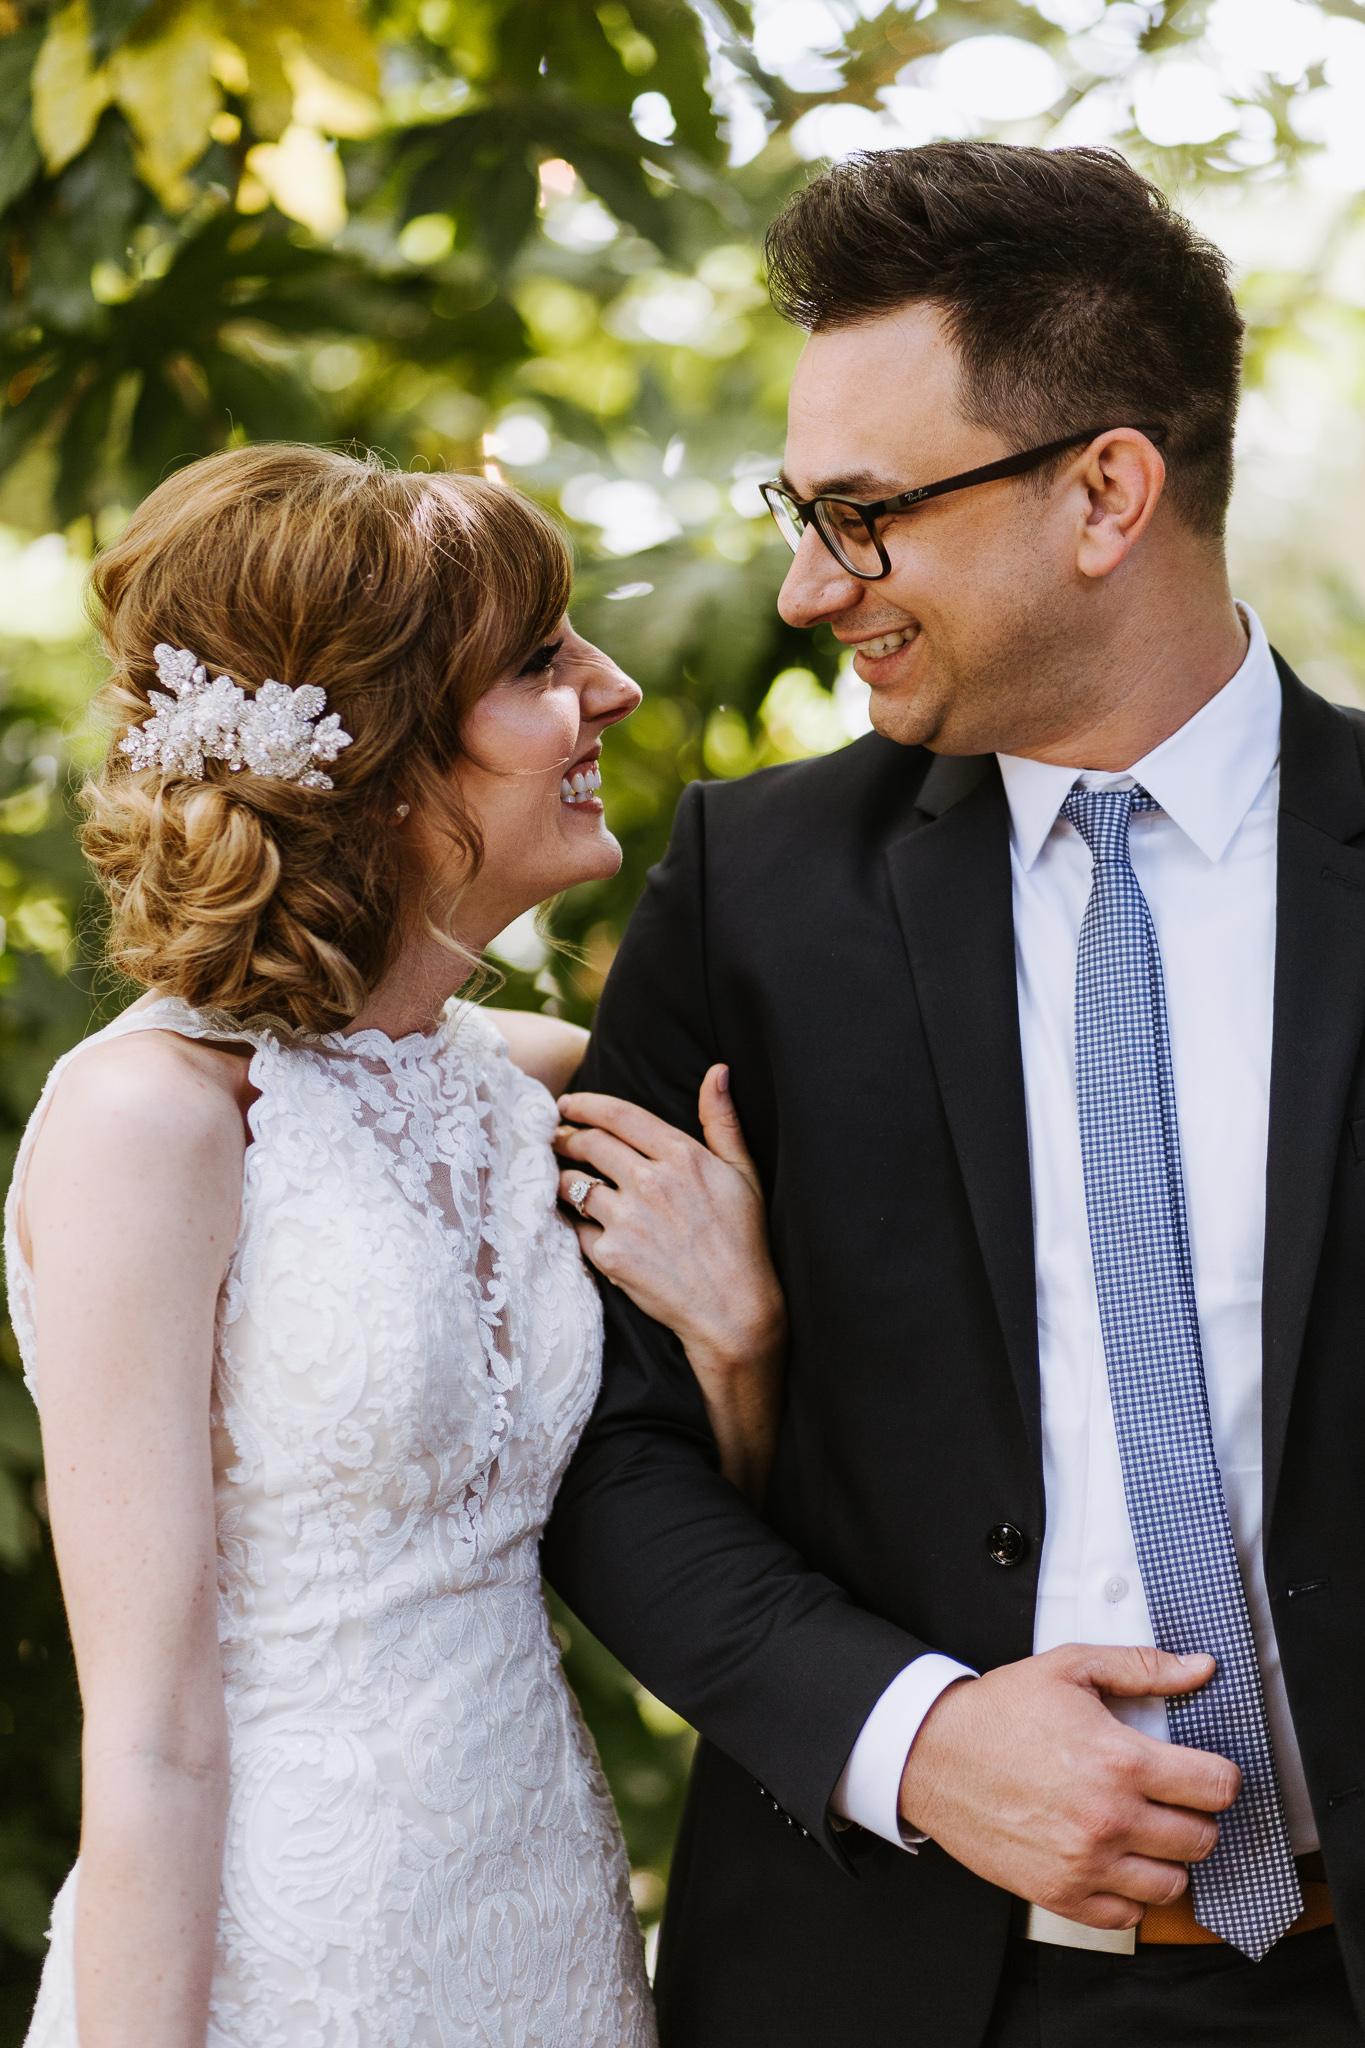 BayArea-Wedding-Photographer-28.jpg